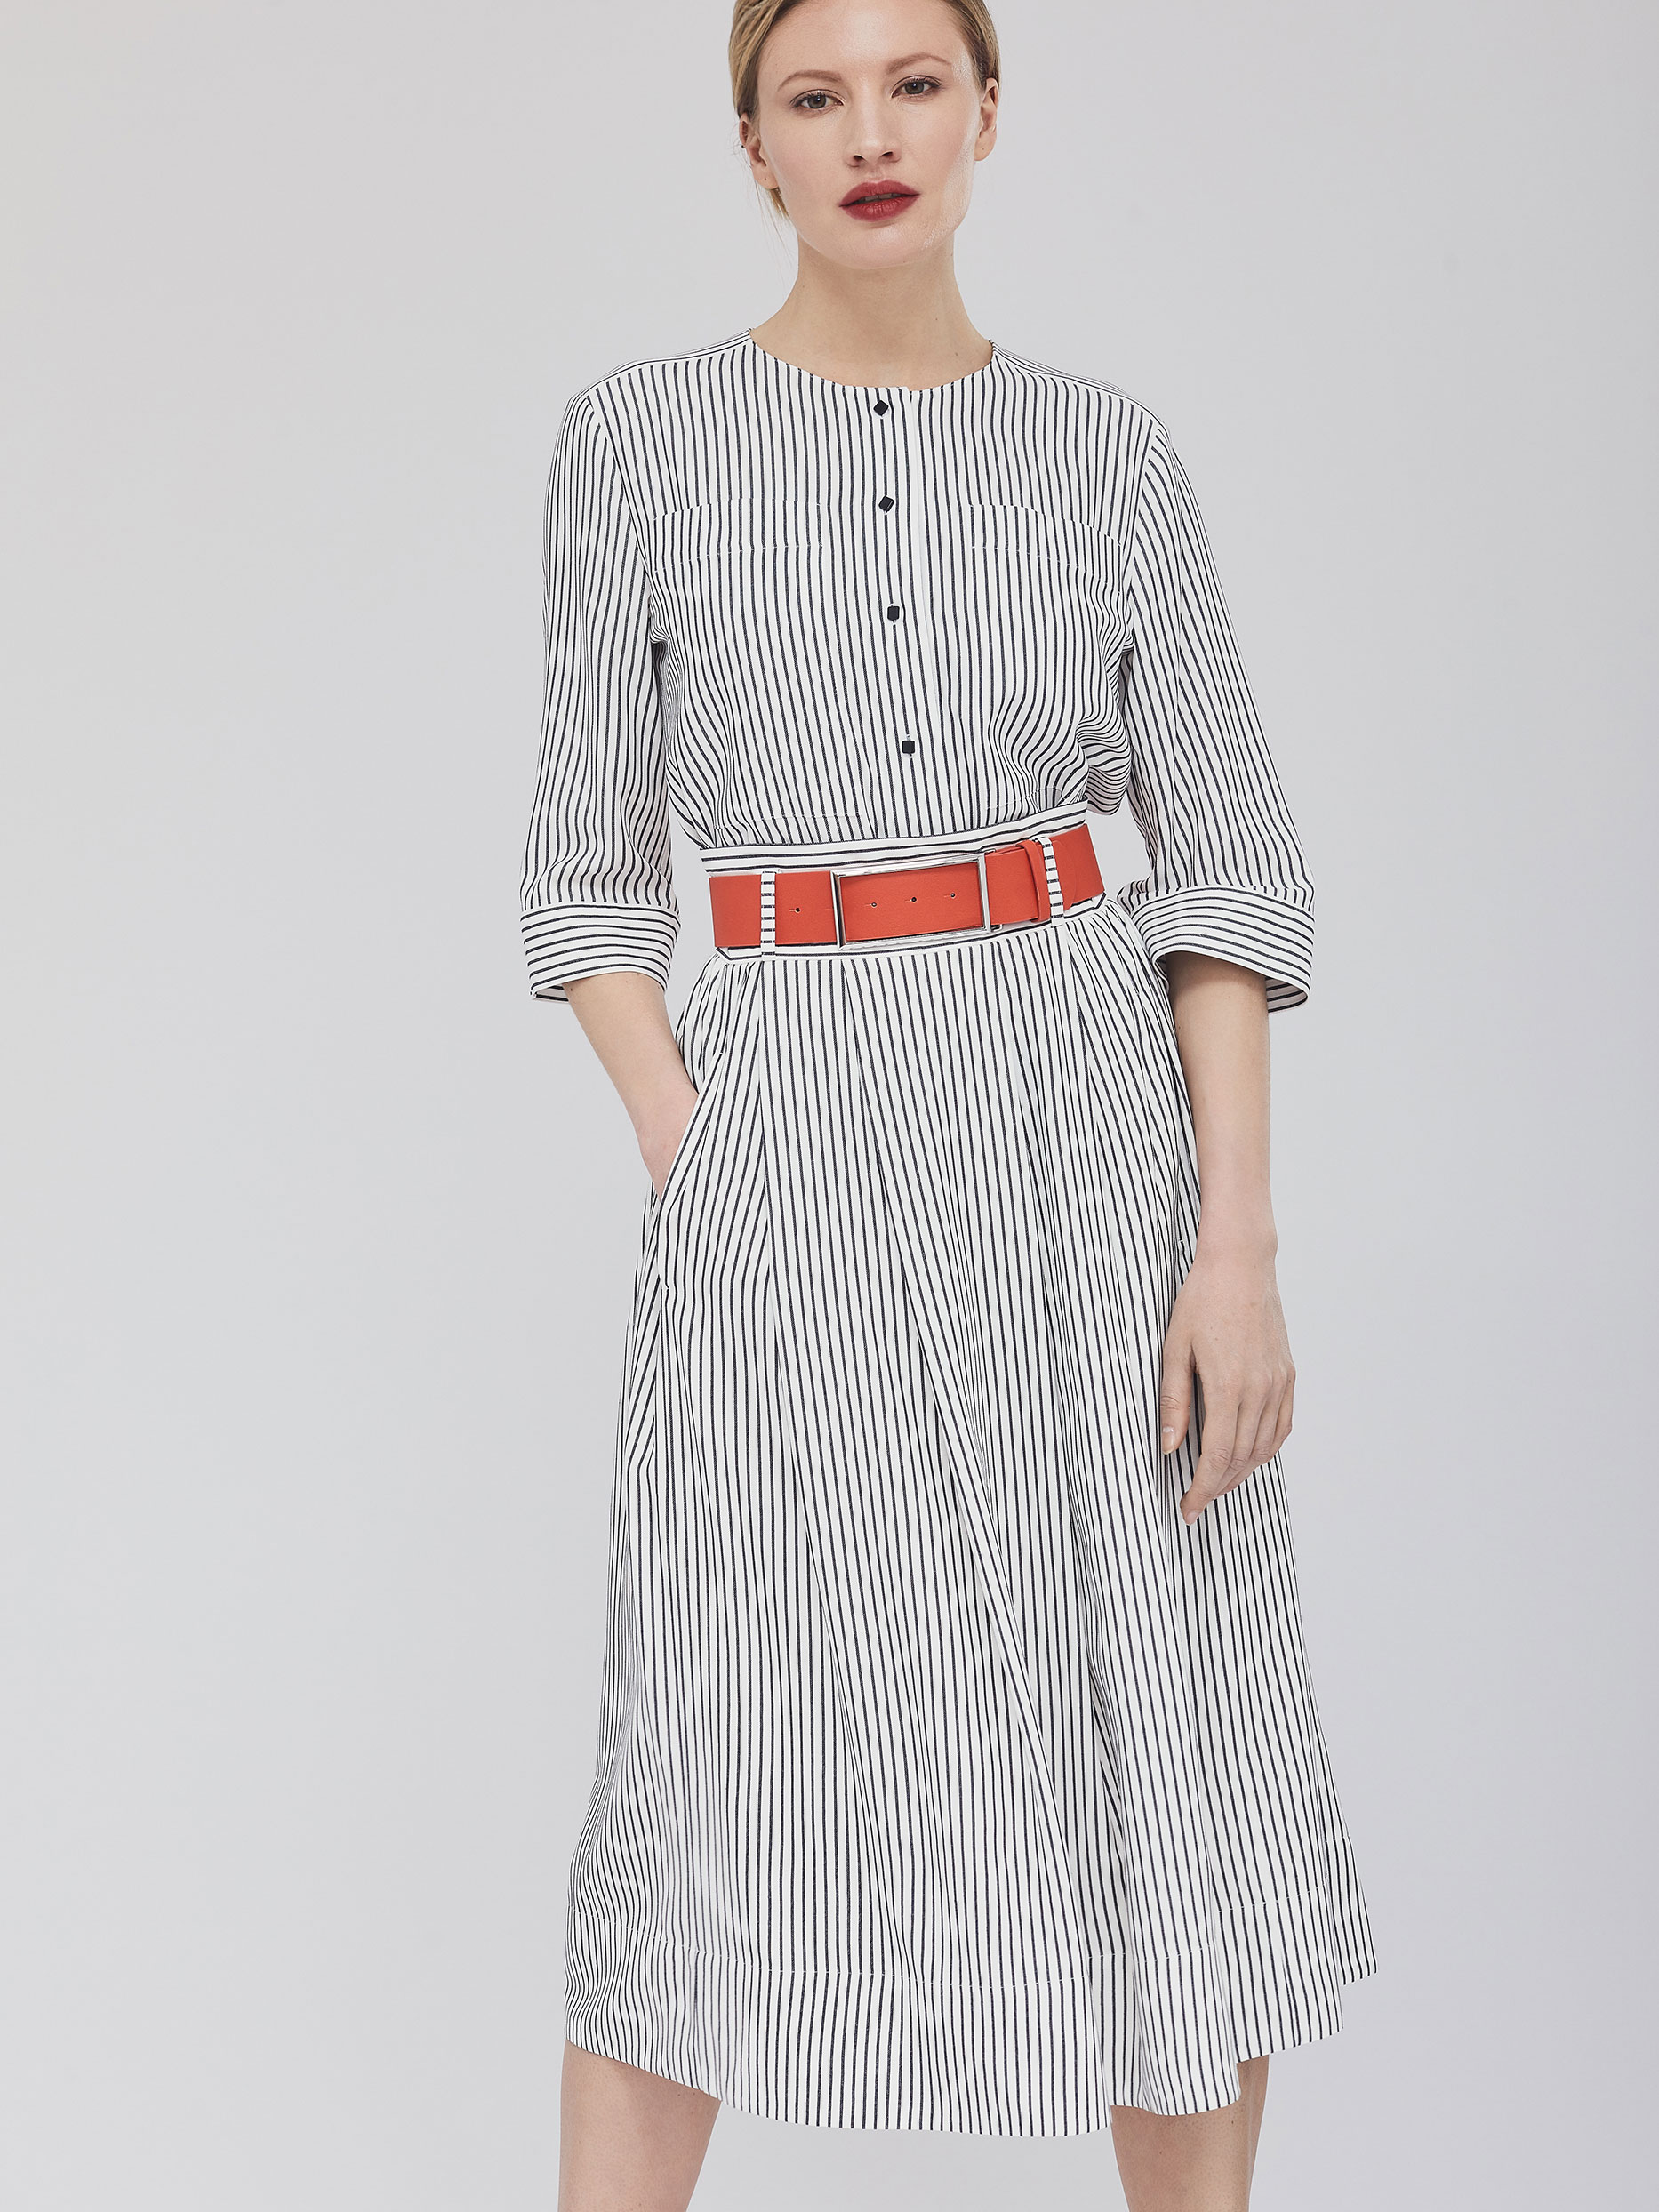 Расклешенная юбка с поясом фото